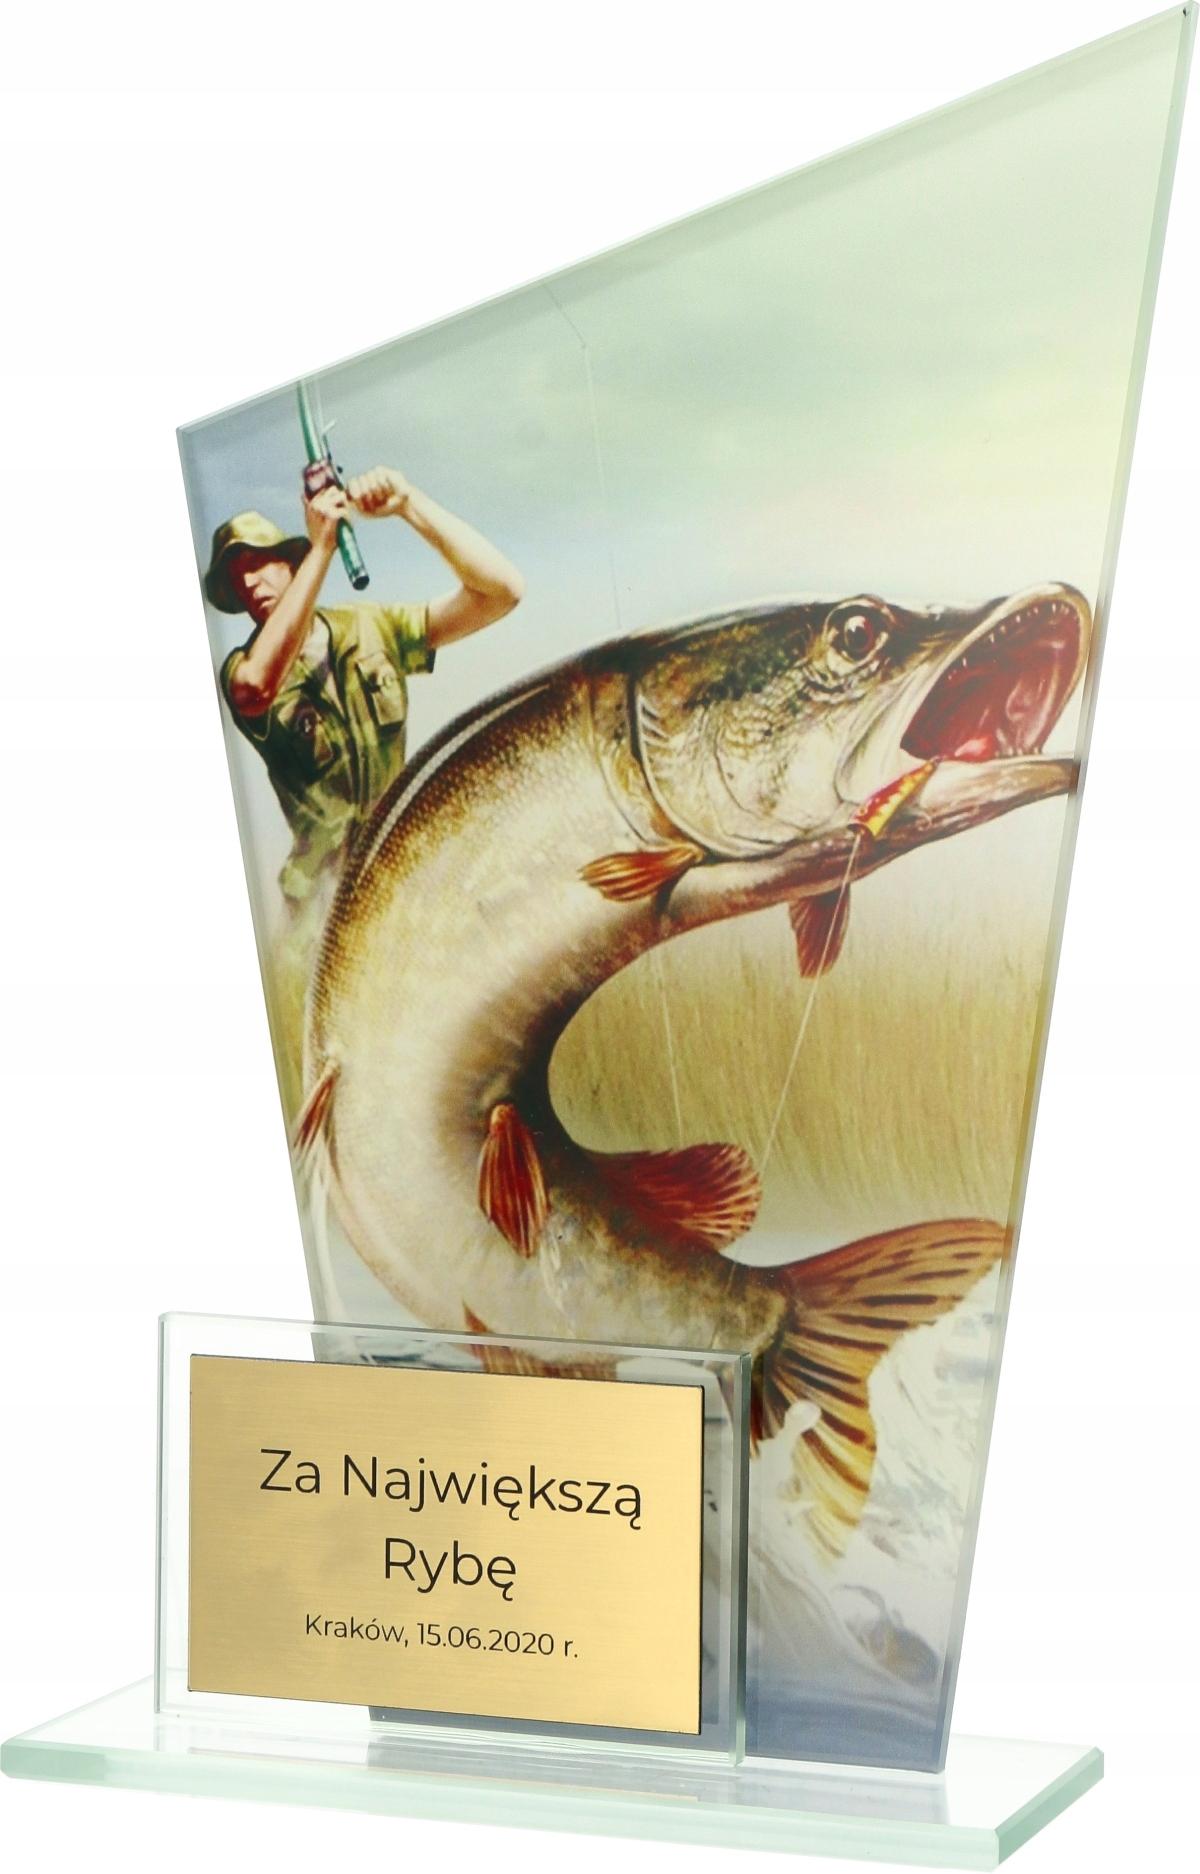 Купить СТАТУЭТКА СТЕКЛЯННАЯ РЫБА РЫБАЛКА металлическийВысота СМ на Eurozakup - цены и фото - доставка из Польши и стран Европы в Украину.